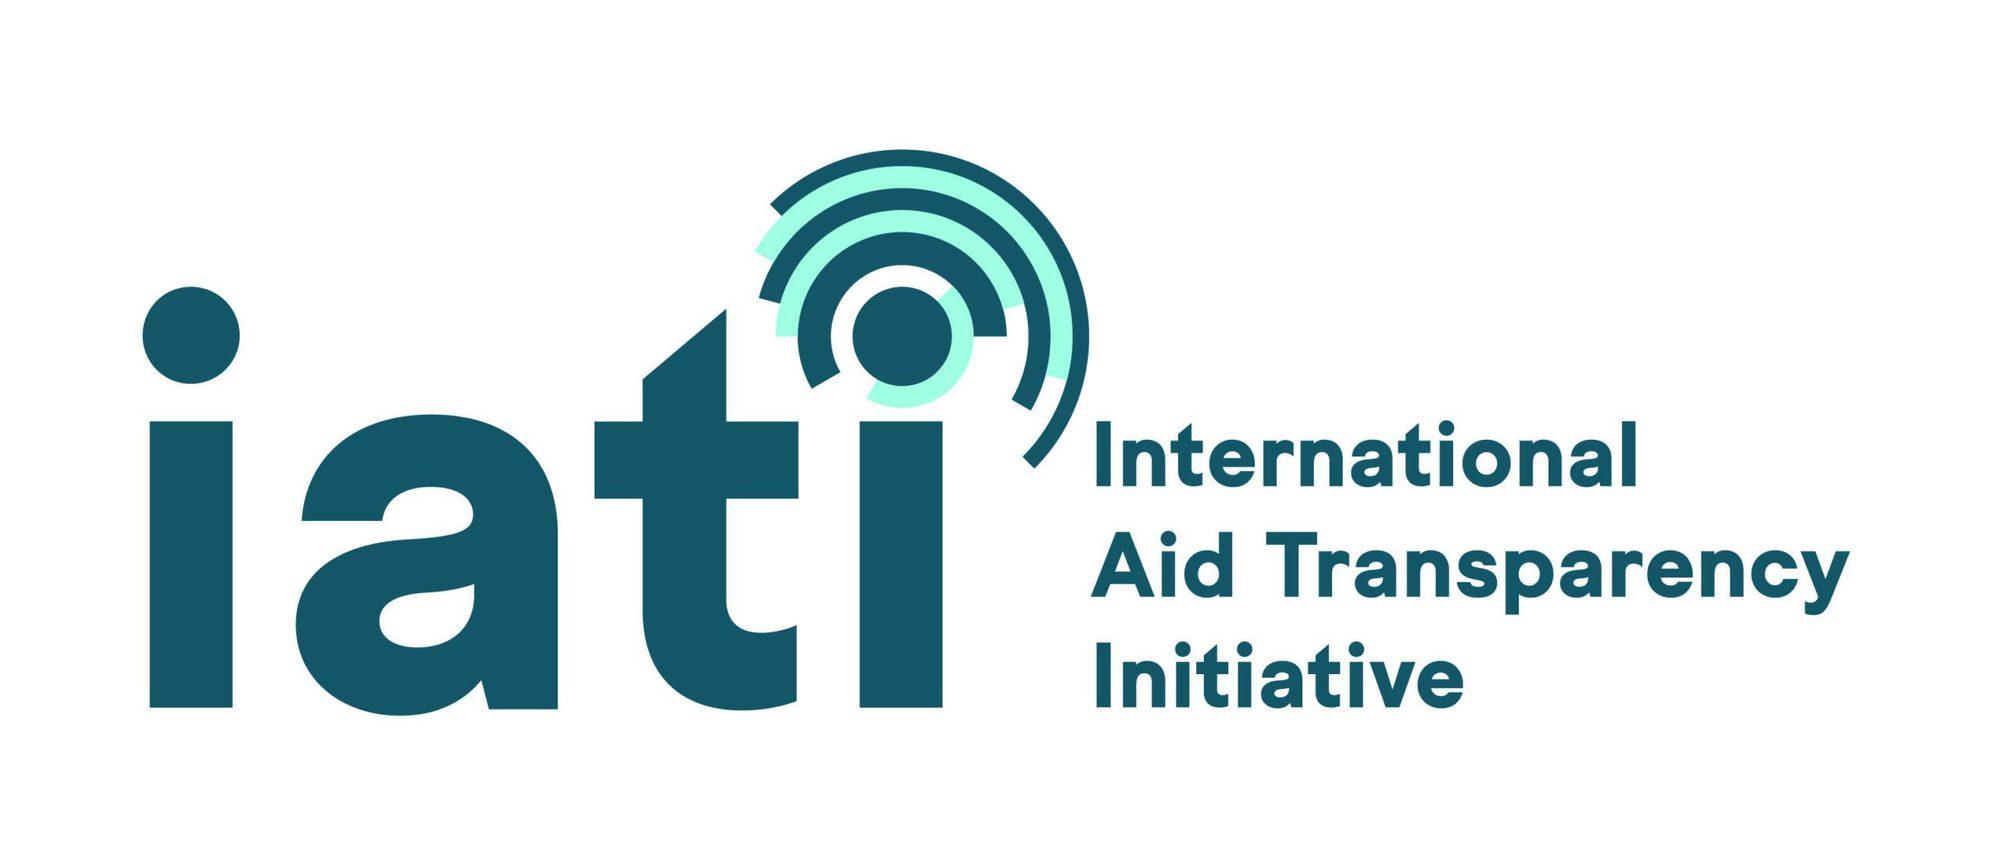 CGIAR Becomes an IATI Publisher